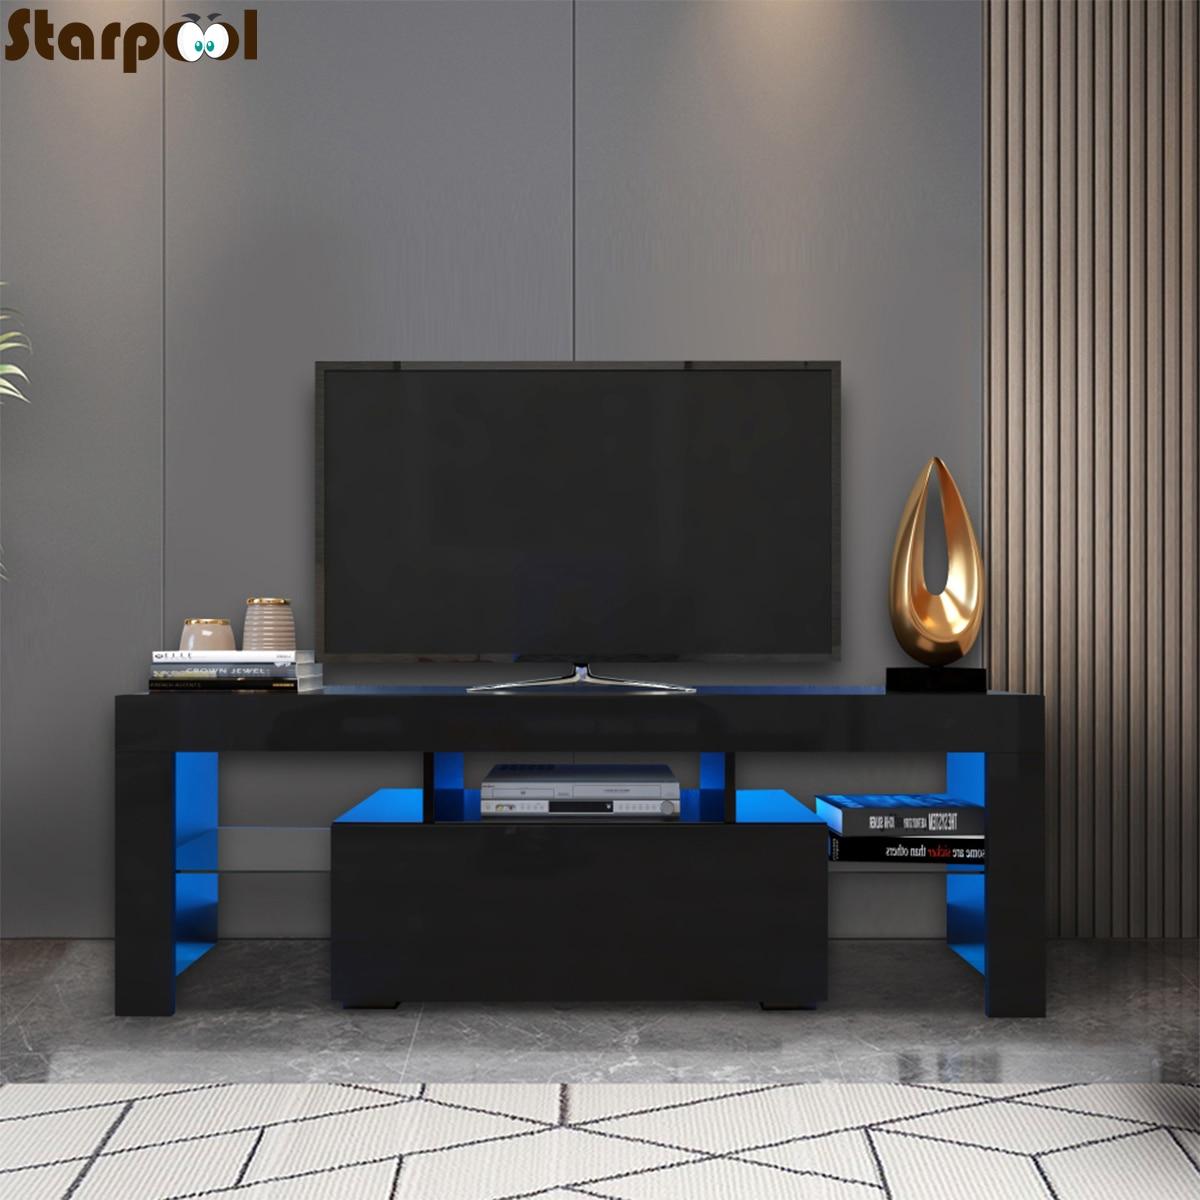 أسود التلفزيون خزانة RGB LED التلفزيون تقف مع درج خزانة التخزين المنظم وحدة تليفزيون قوس أثاث غرفة المعيشة شاشة التلفاز حامل